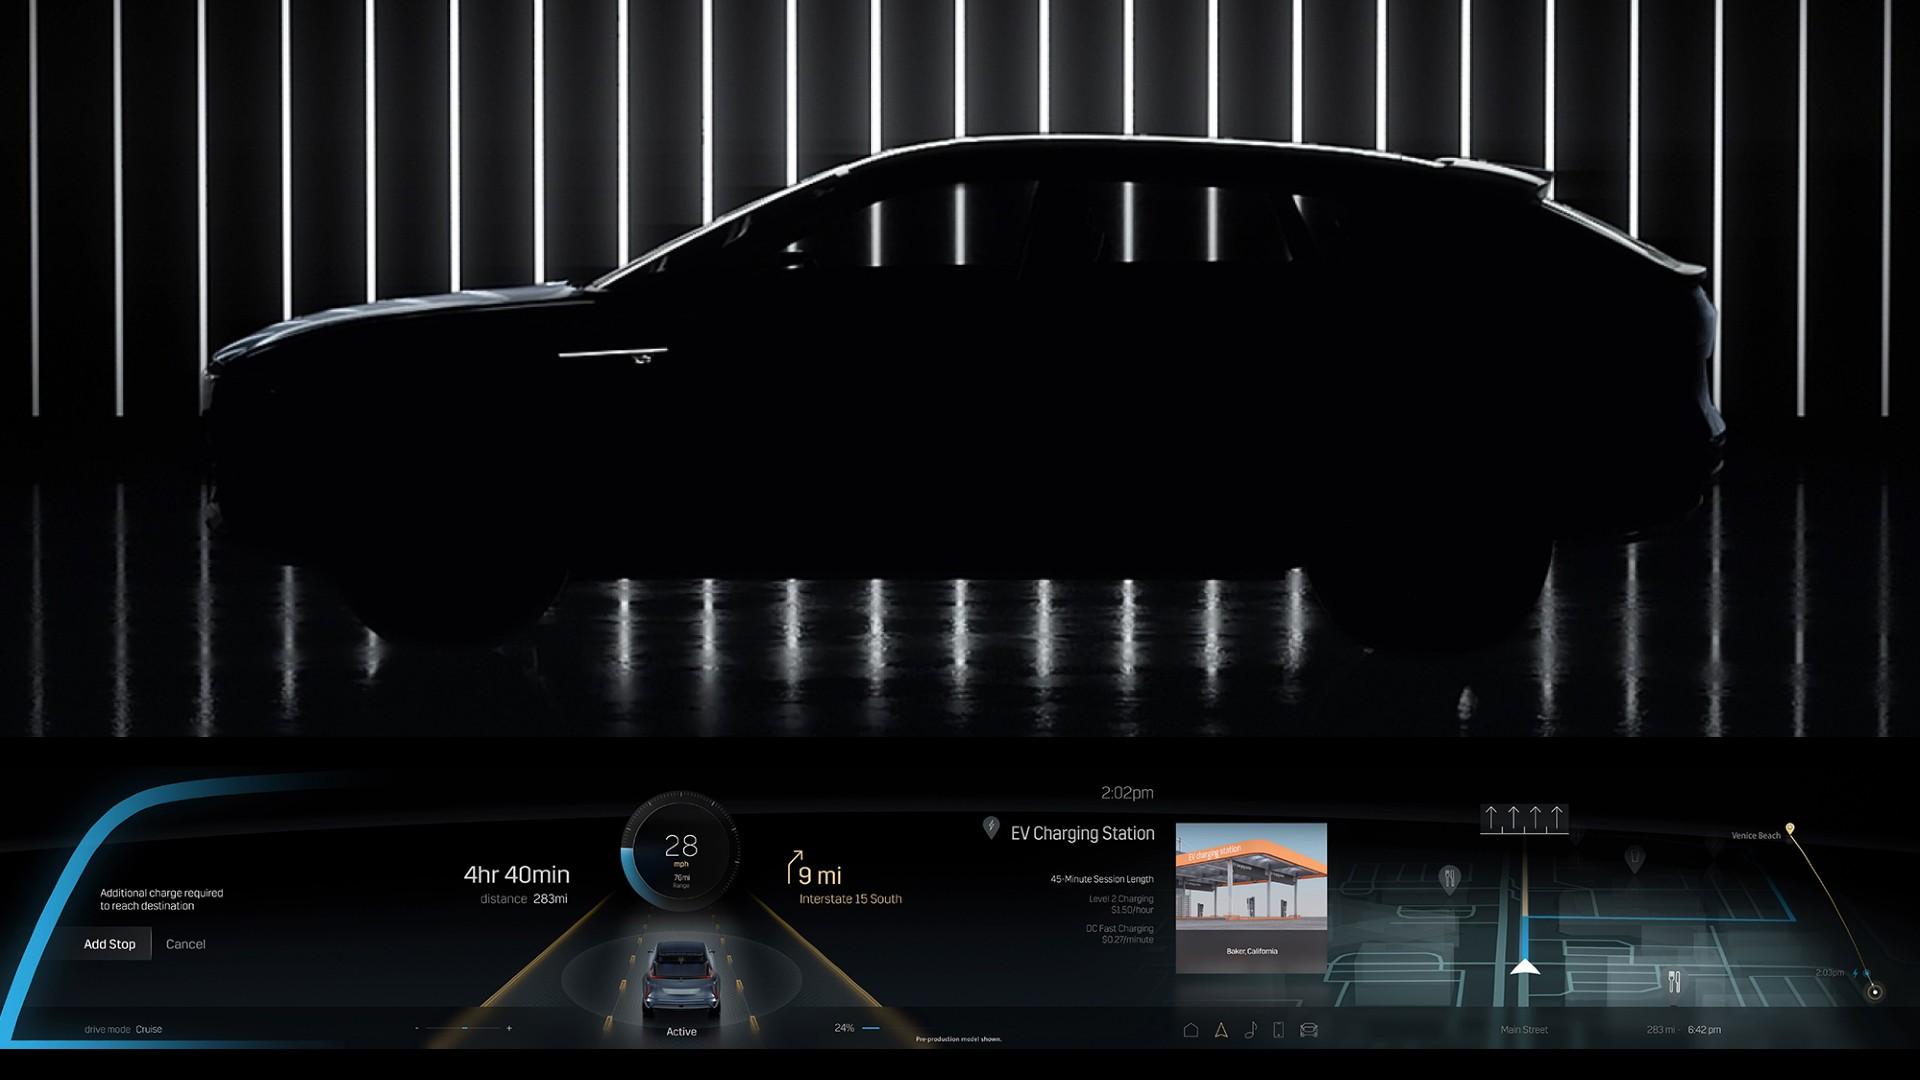 Ποιο αυτοκίνητο θα έχει οθόνη με πλάτος 33'' στο εσωτερικό του; [pics]